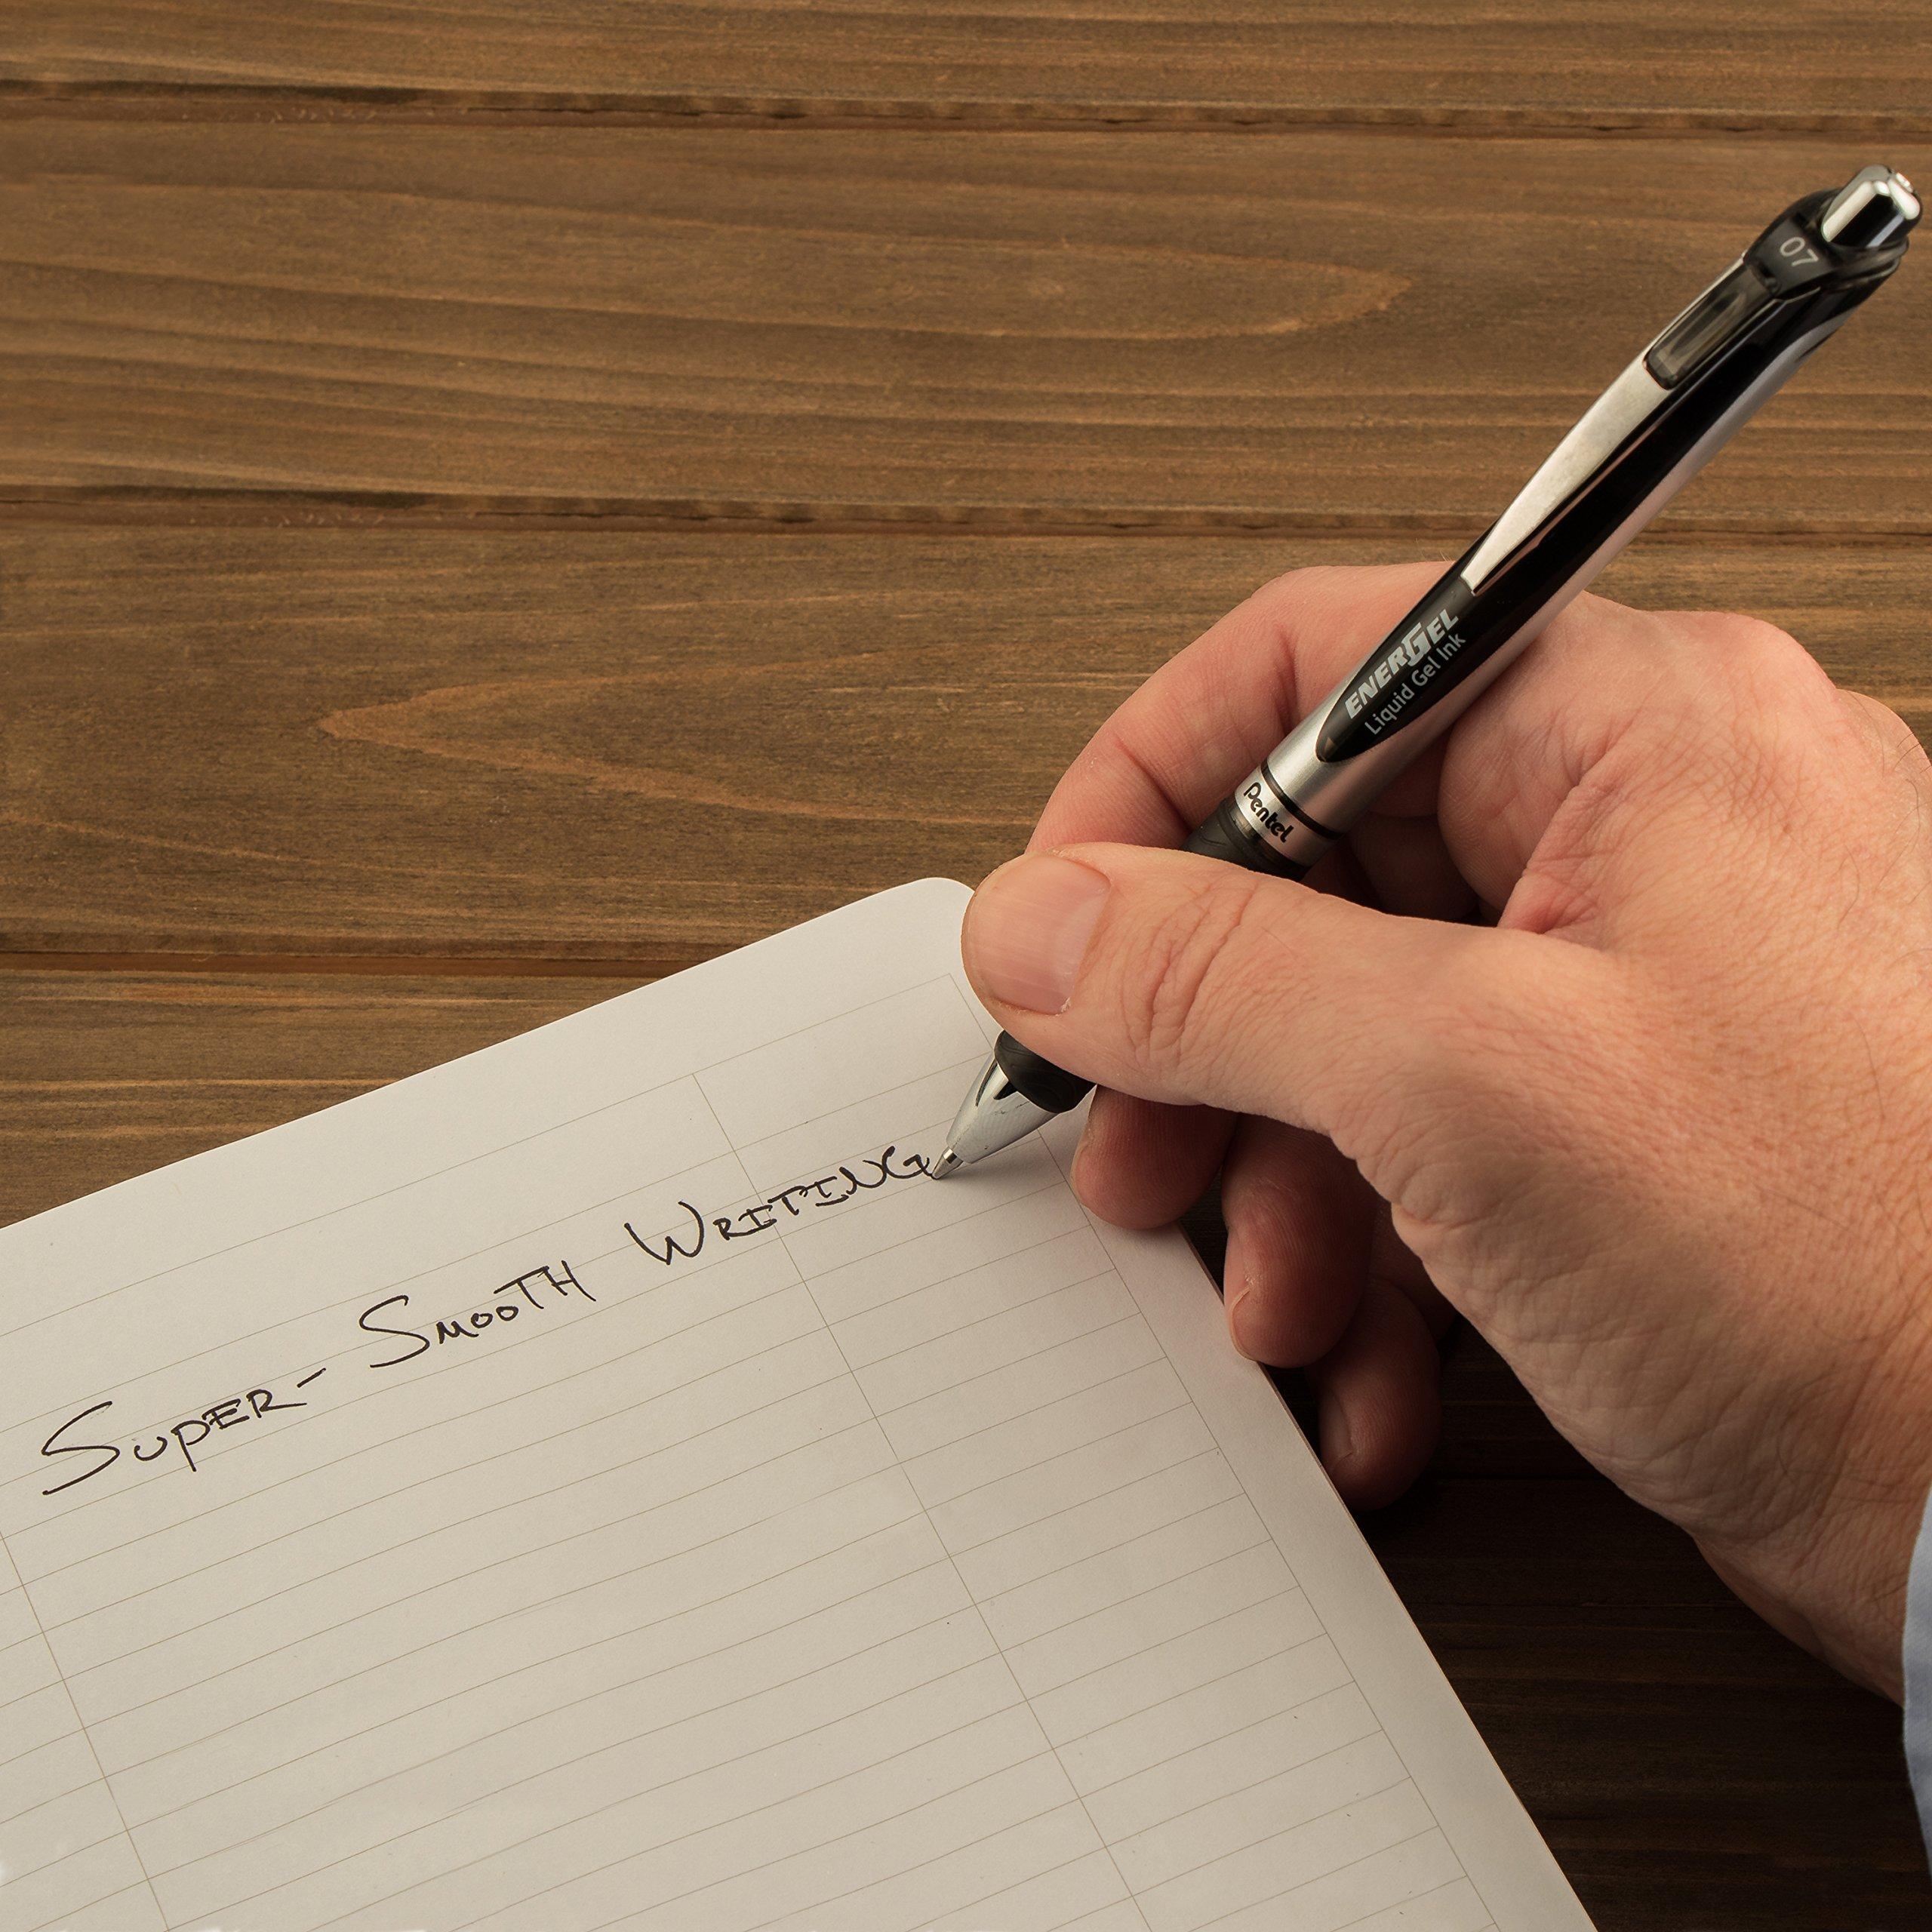 Pentel EnerGel RTX Retractable Liquid Gel Pen, 0.7mm Medium Line, Metal Tip, Black Ink, 12 Pack (BL77-A) by Pentel (Image #9)